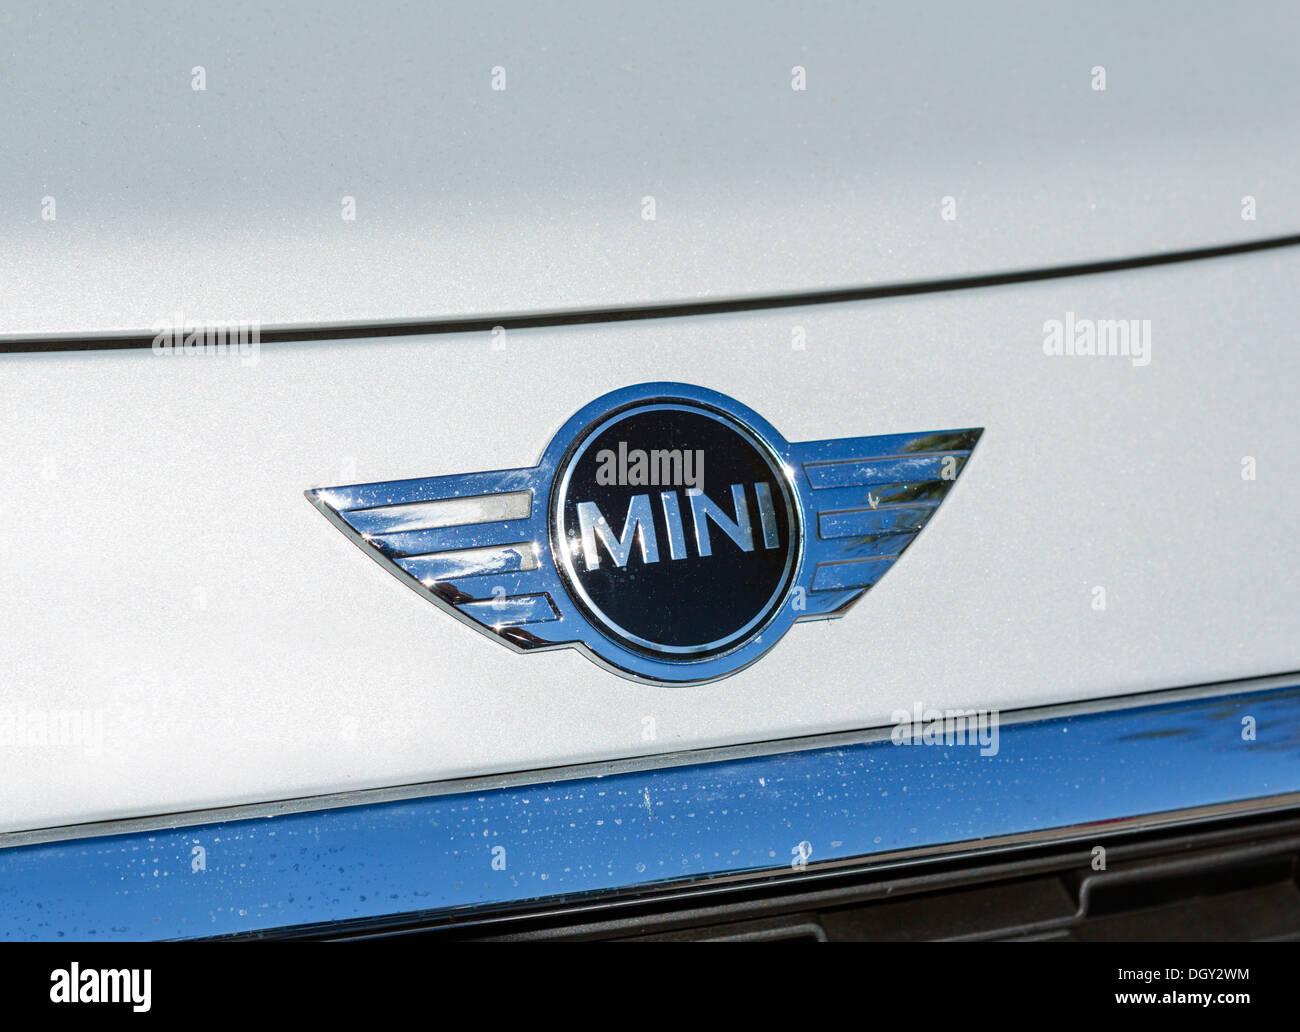 Placa de identificación de la parte frontal de un coche Mini Cooper, EE.UU. Imagen De Stock